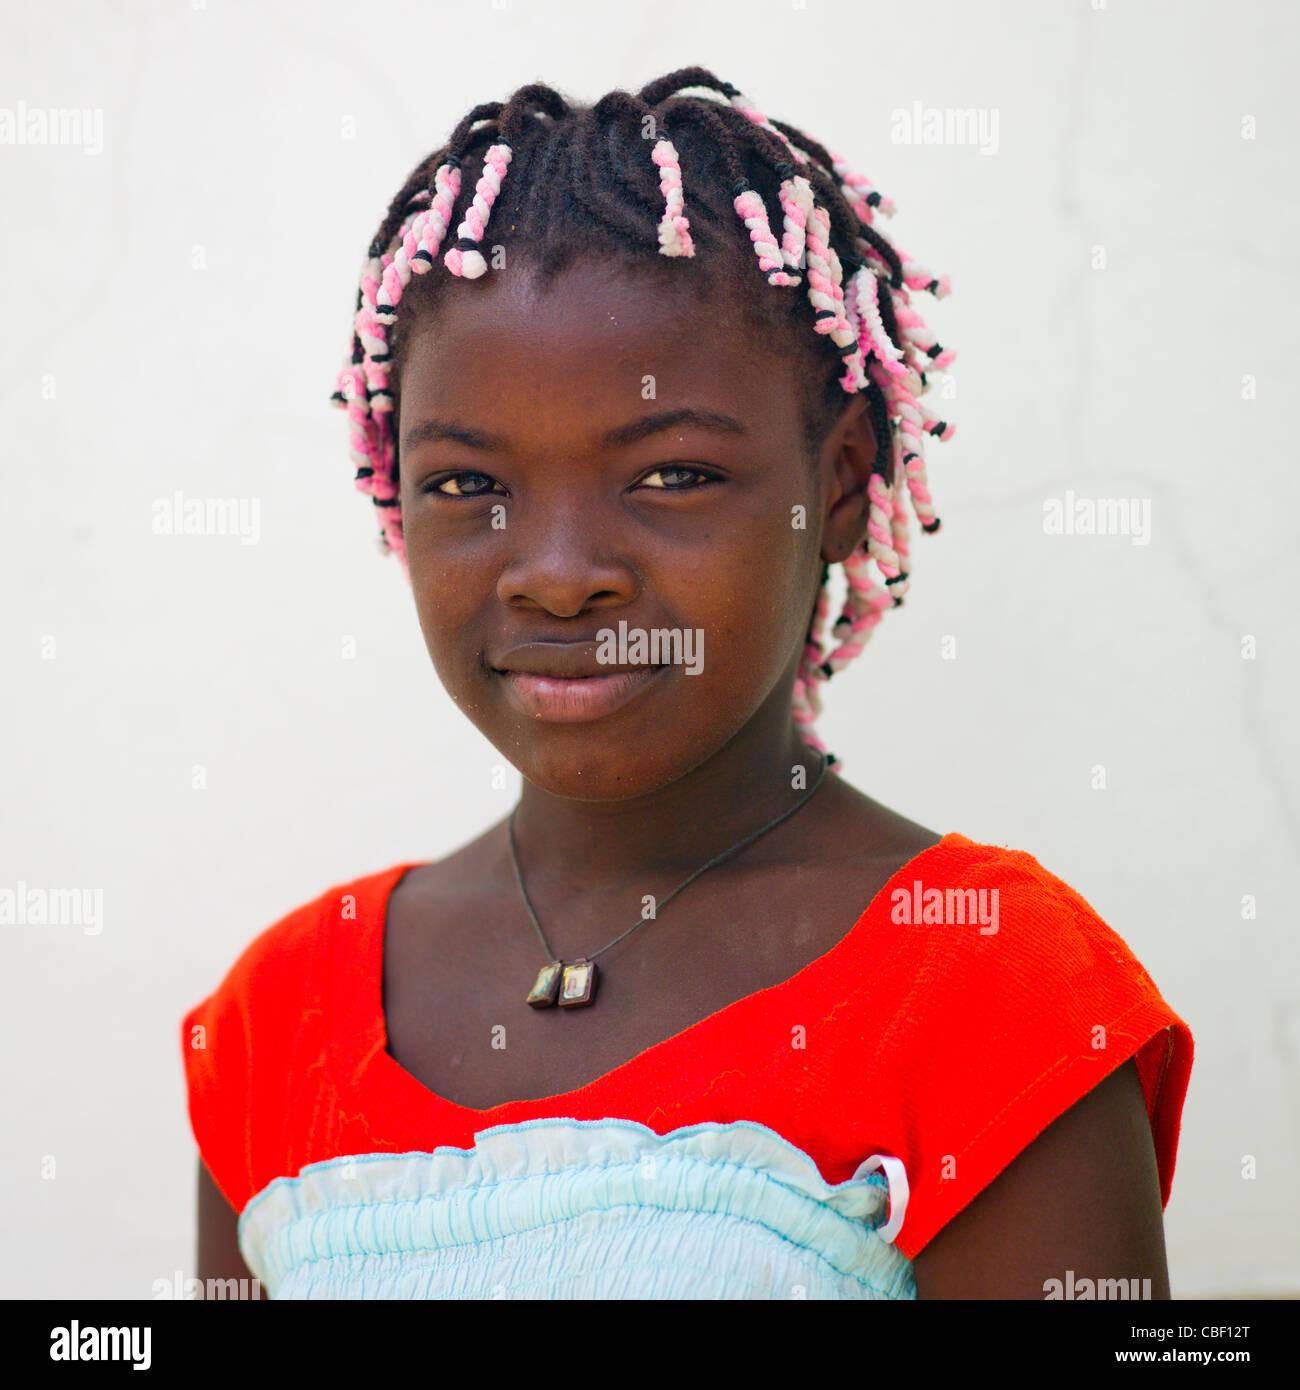 Girl With Plaits, Angola - Stock Image